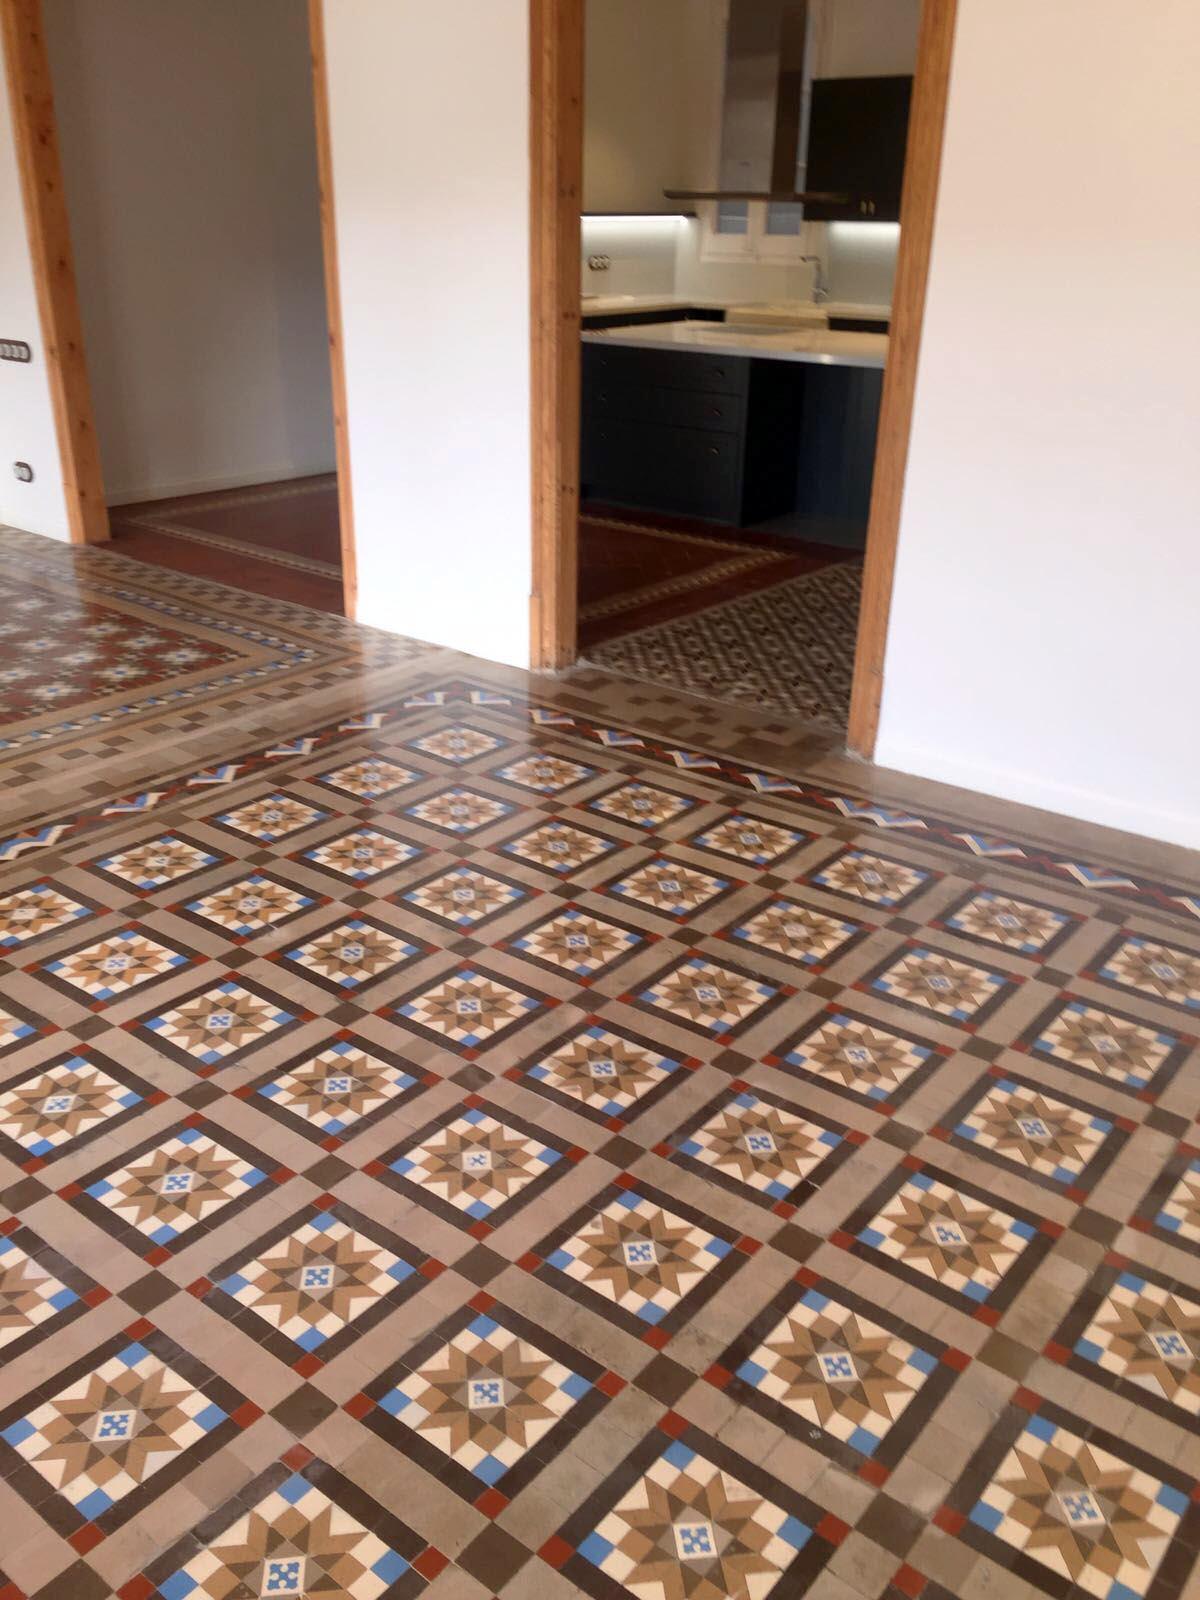 MosaicosBarcelona-Recuperacion-suelo-nolla-en-vivienda-calle-Trafalgar-Barcelona-5